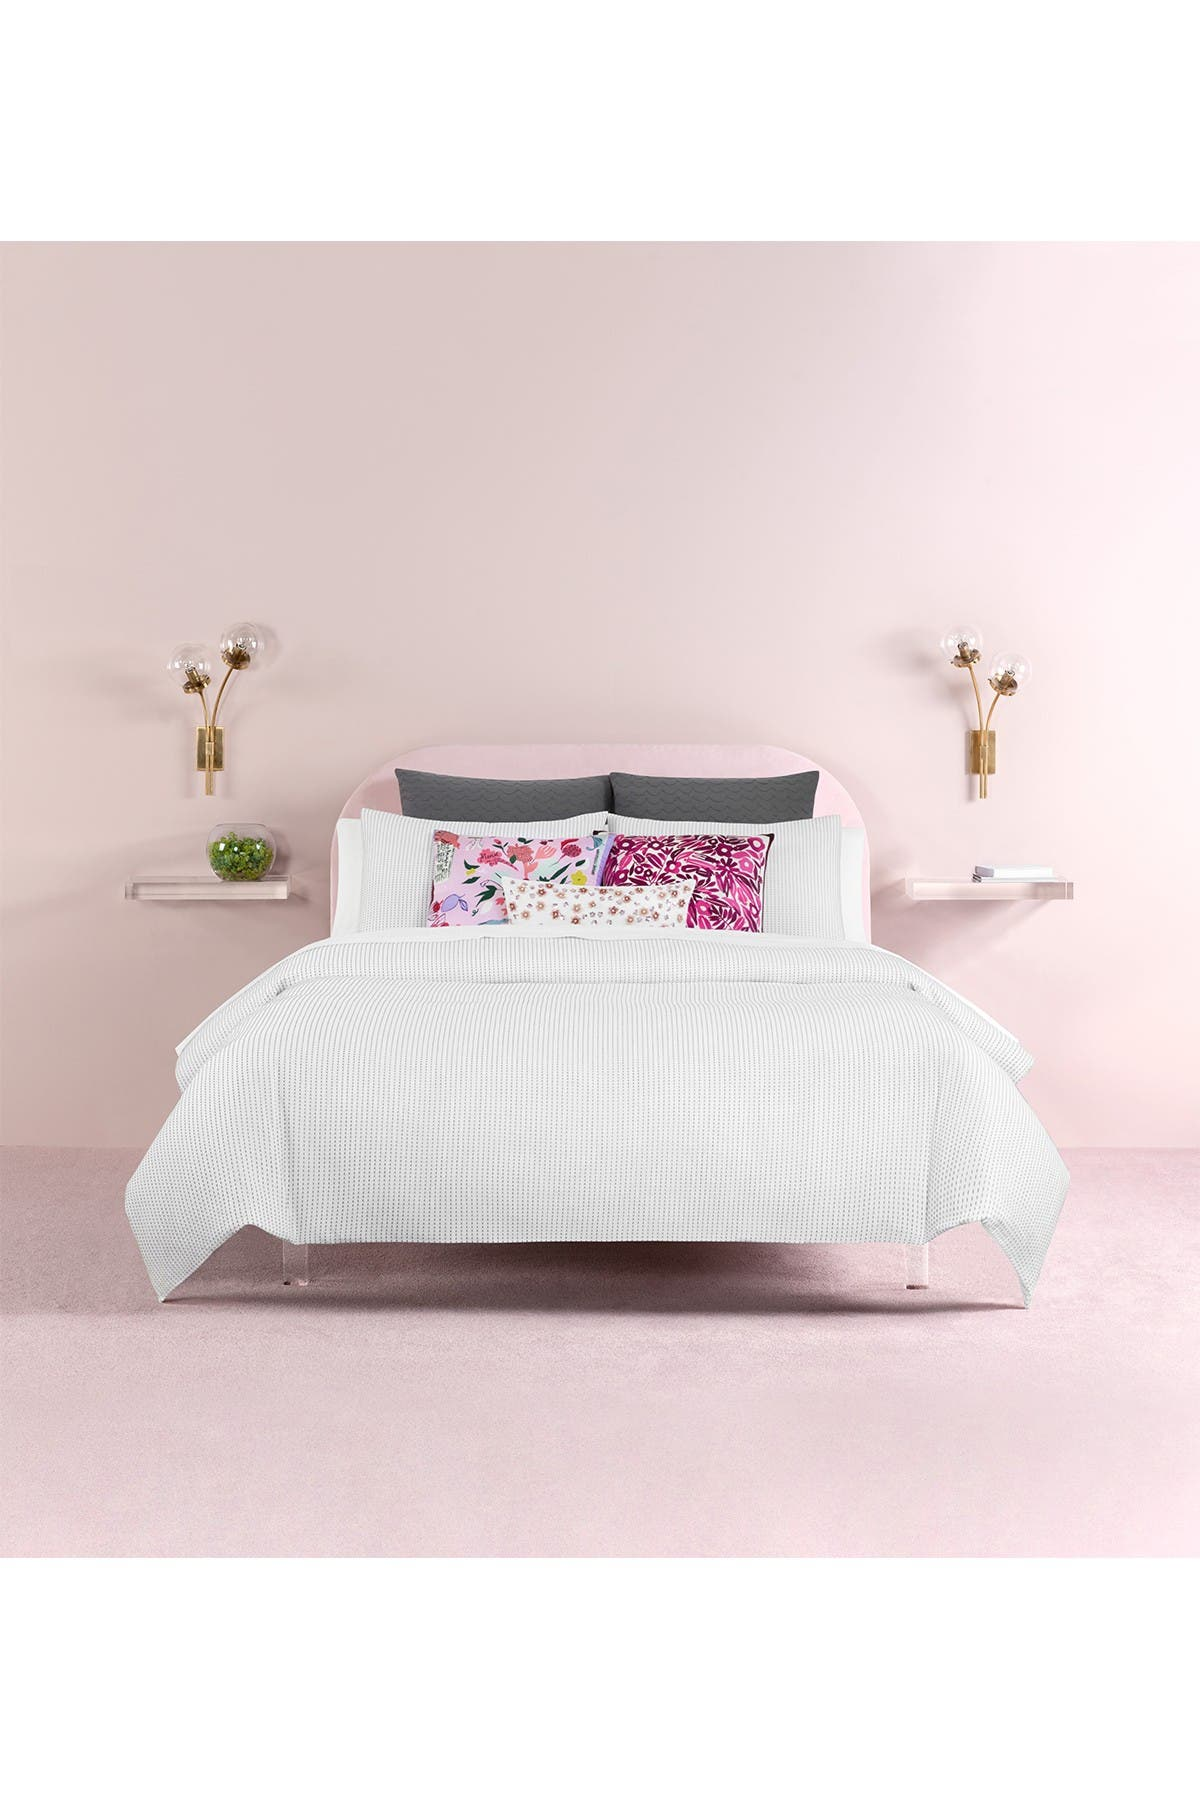 Image of kate spade new york dot dash comforter 3-piece set - king - black/white